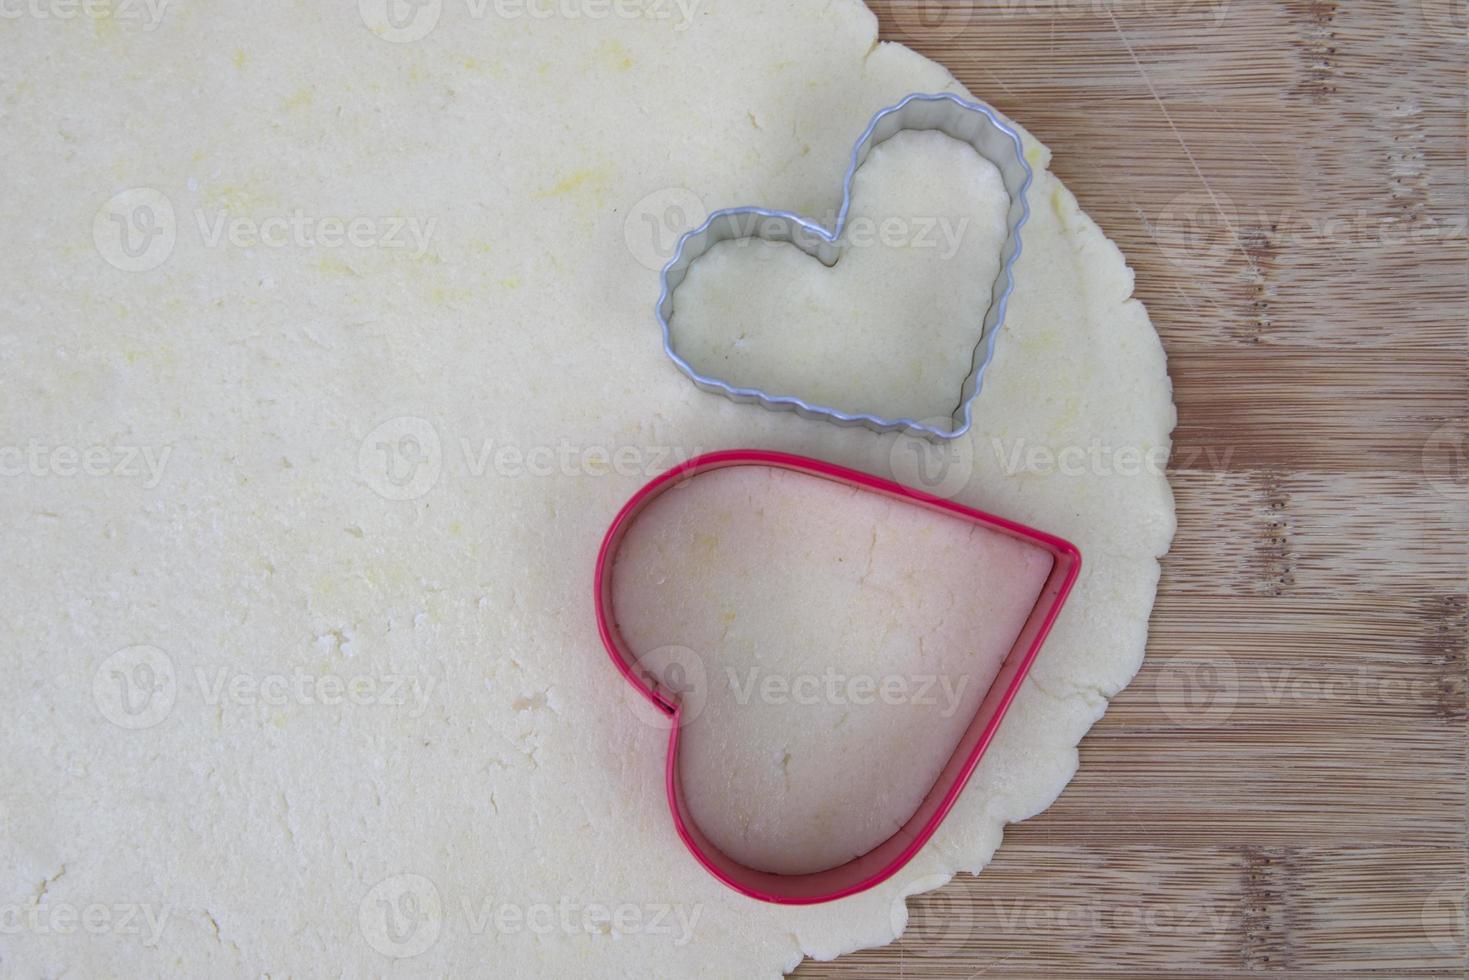 suiker koekjesdeeg met hartvormige uitstekers foto